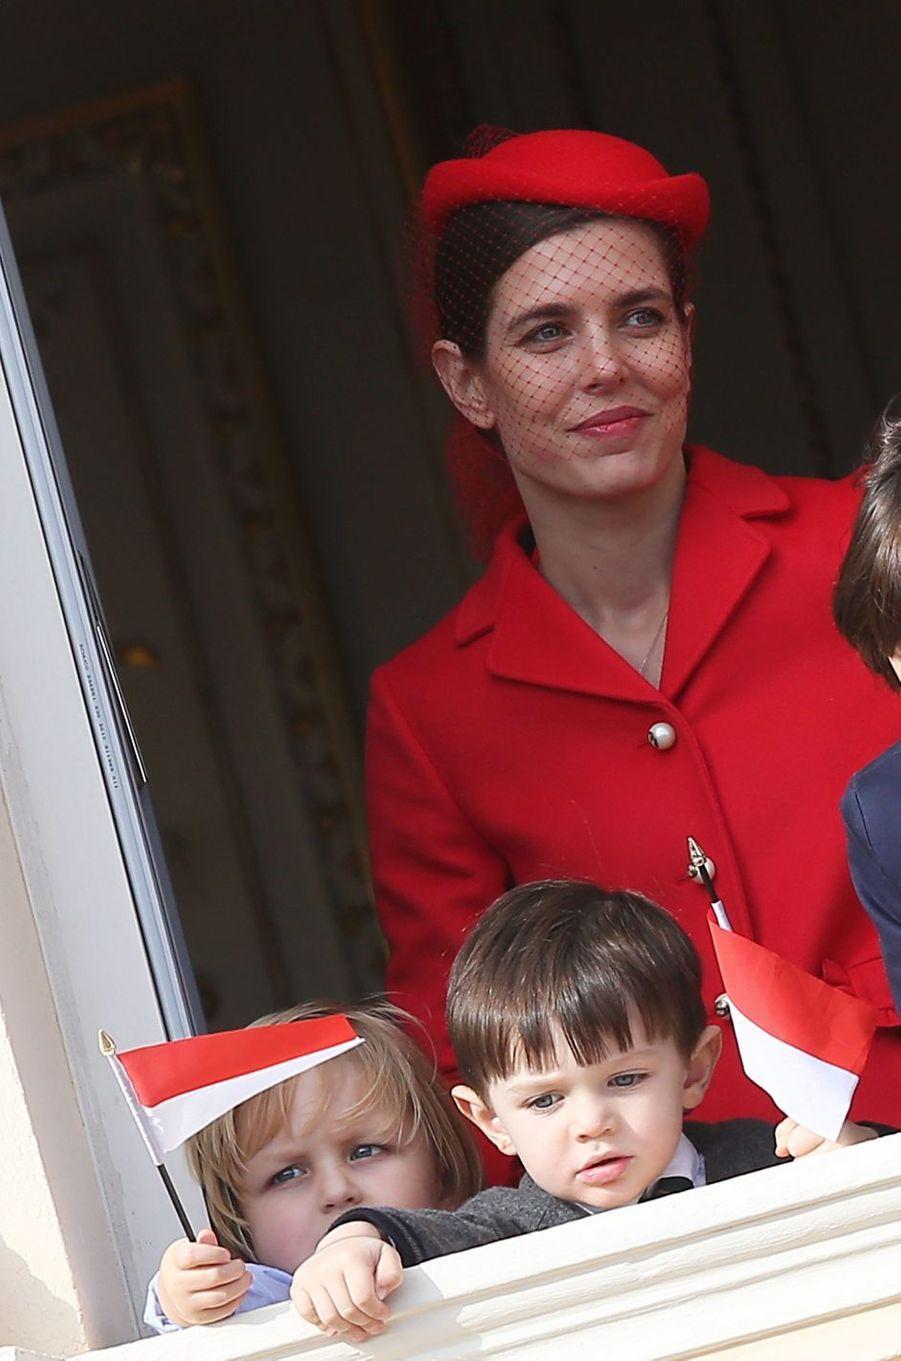 La plus inattendue- Première apparition publique pour Raphaël, le fils de Charlotte Casiraghi et Gad Elmaleh ce samedi 19 novembre, à l'occasion de la Fête nationale monégasque.